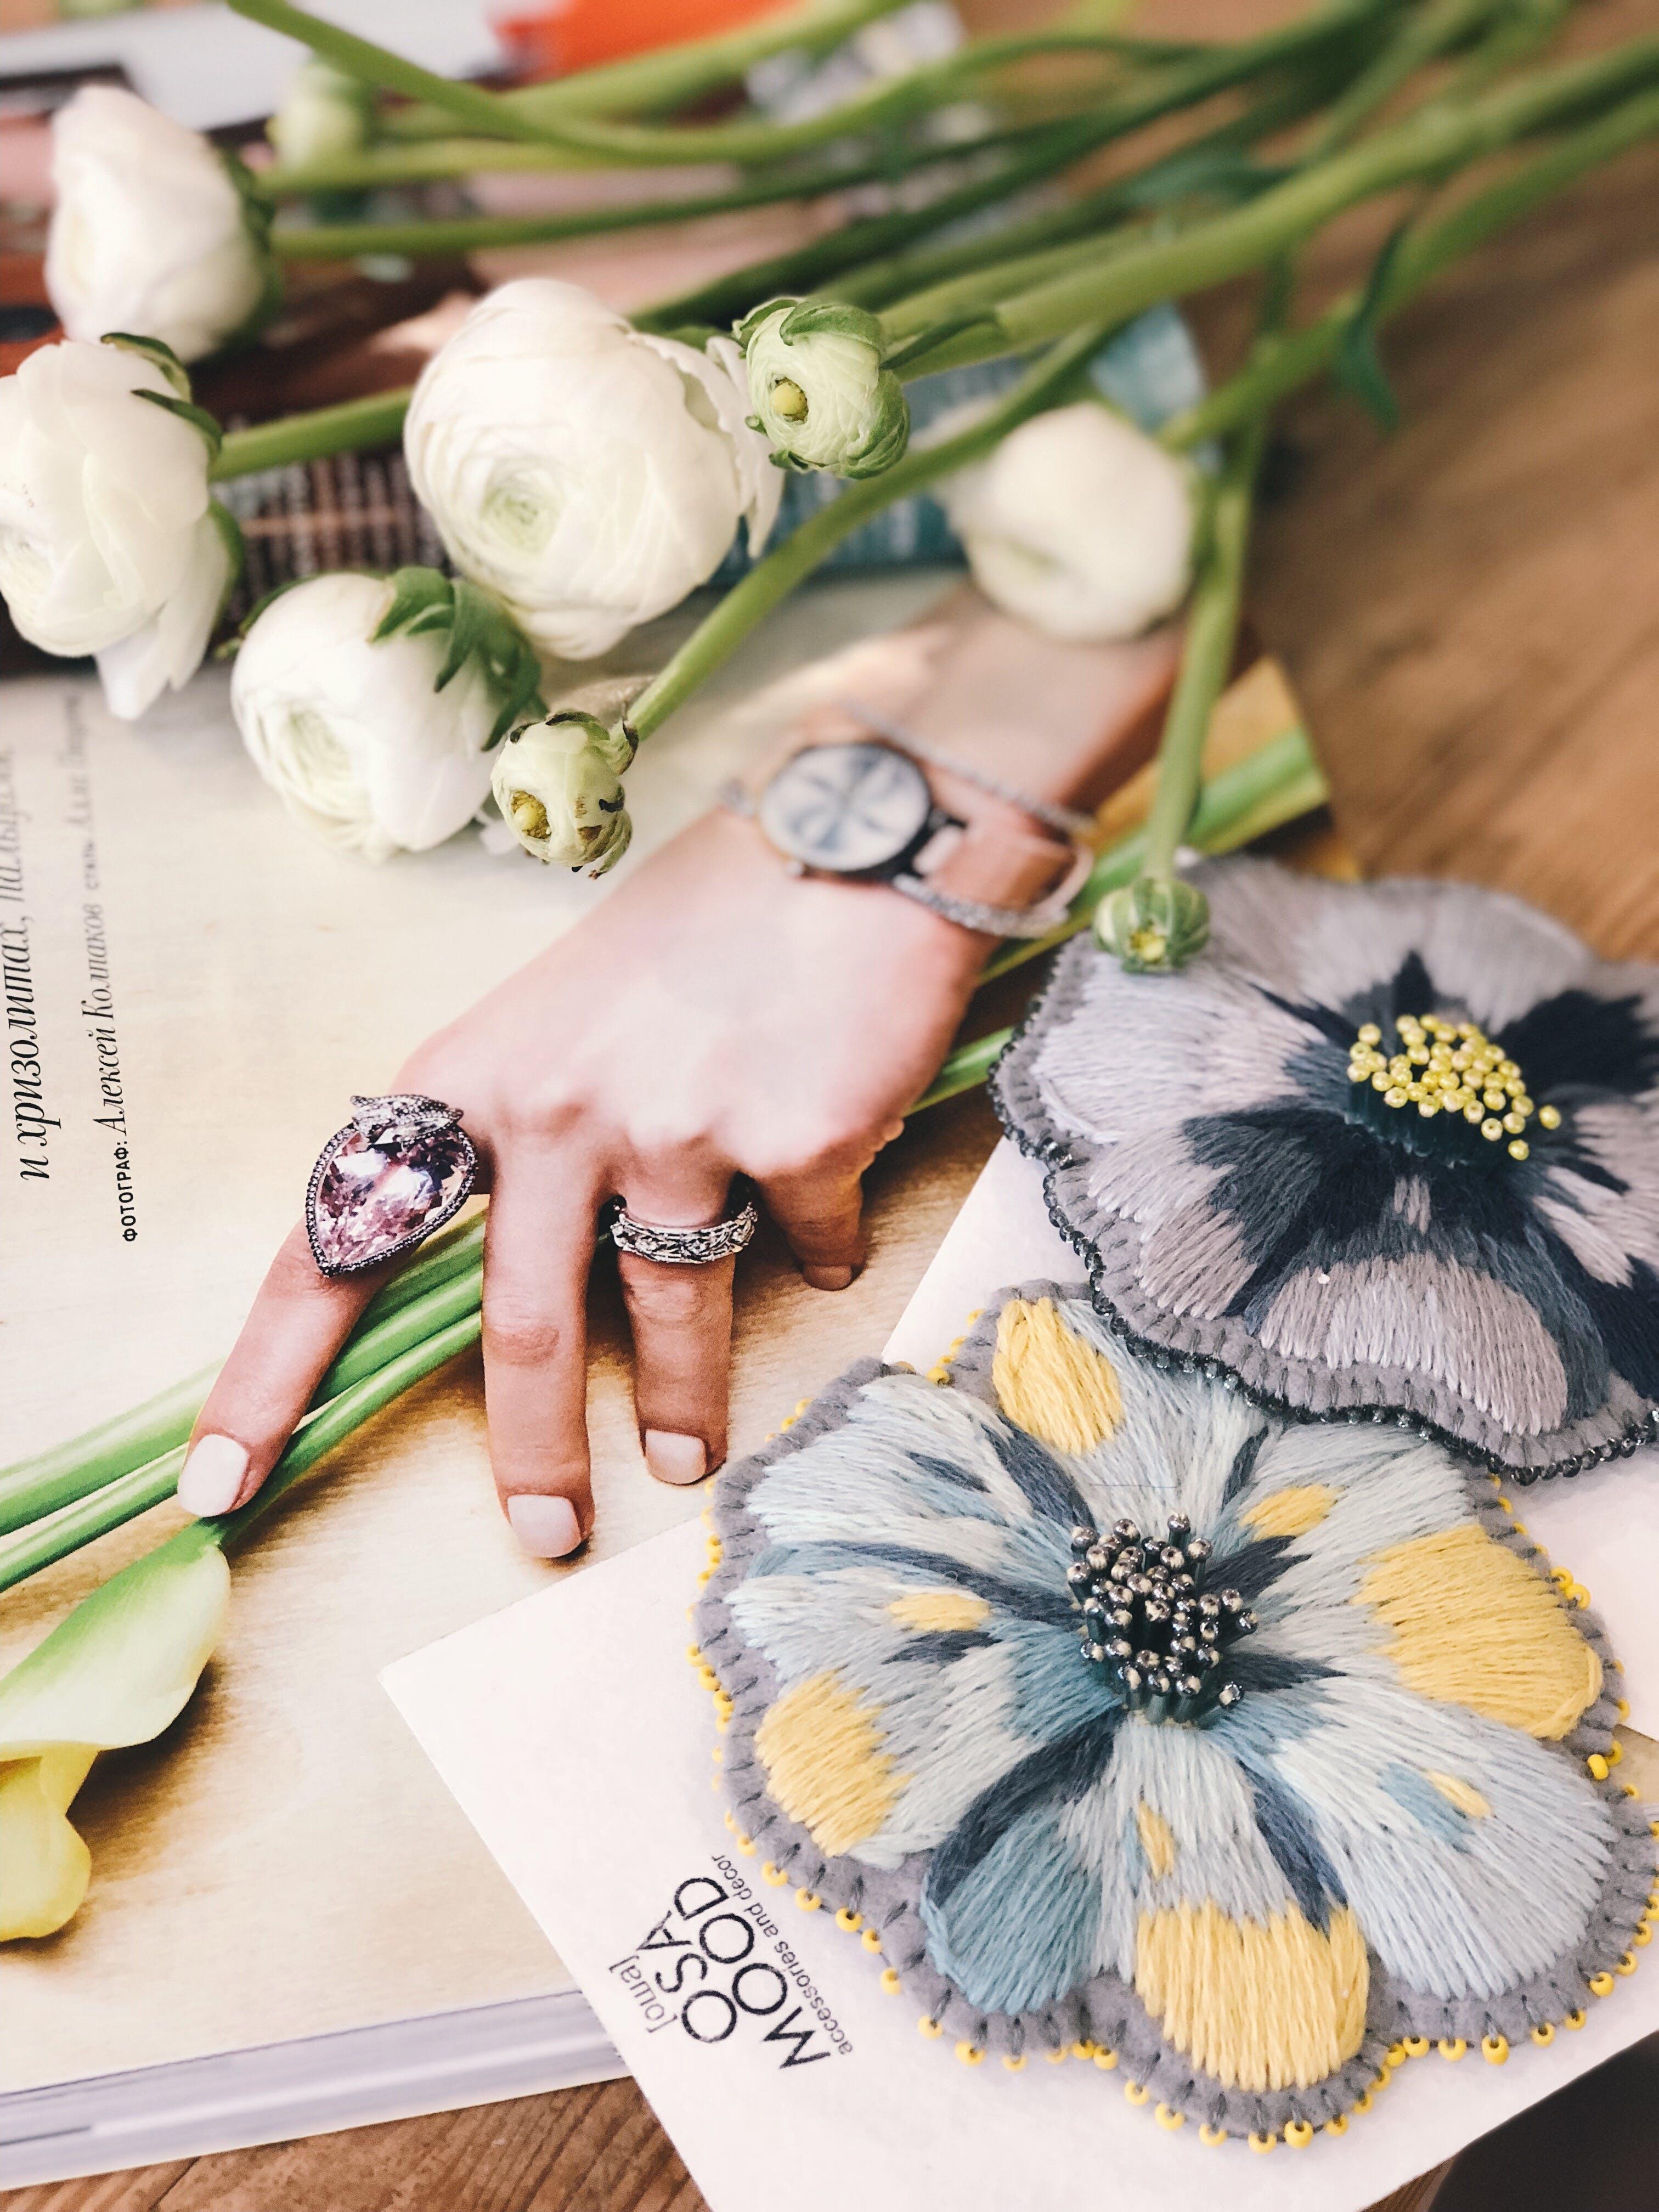 Безкоштовне стокове фото на тему «Великдень, весілля, вродлива, делікатний»